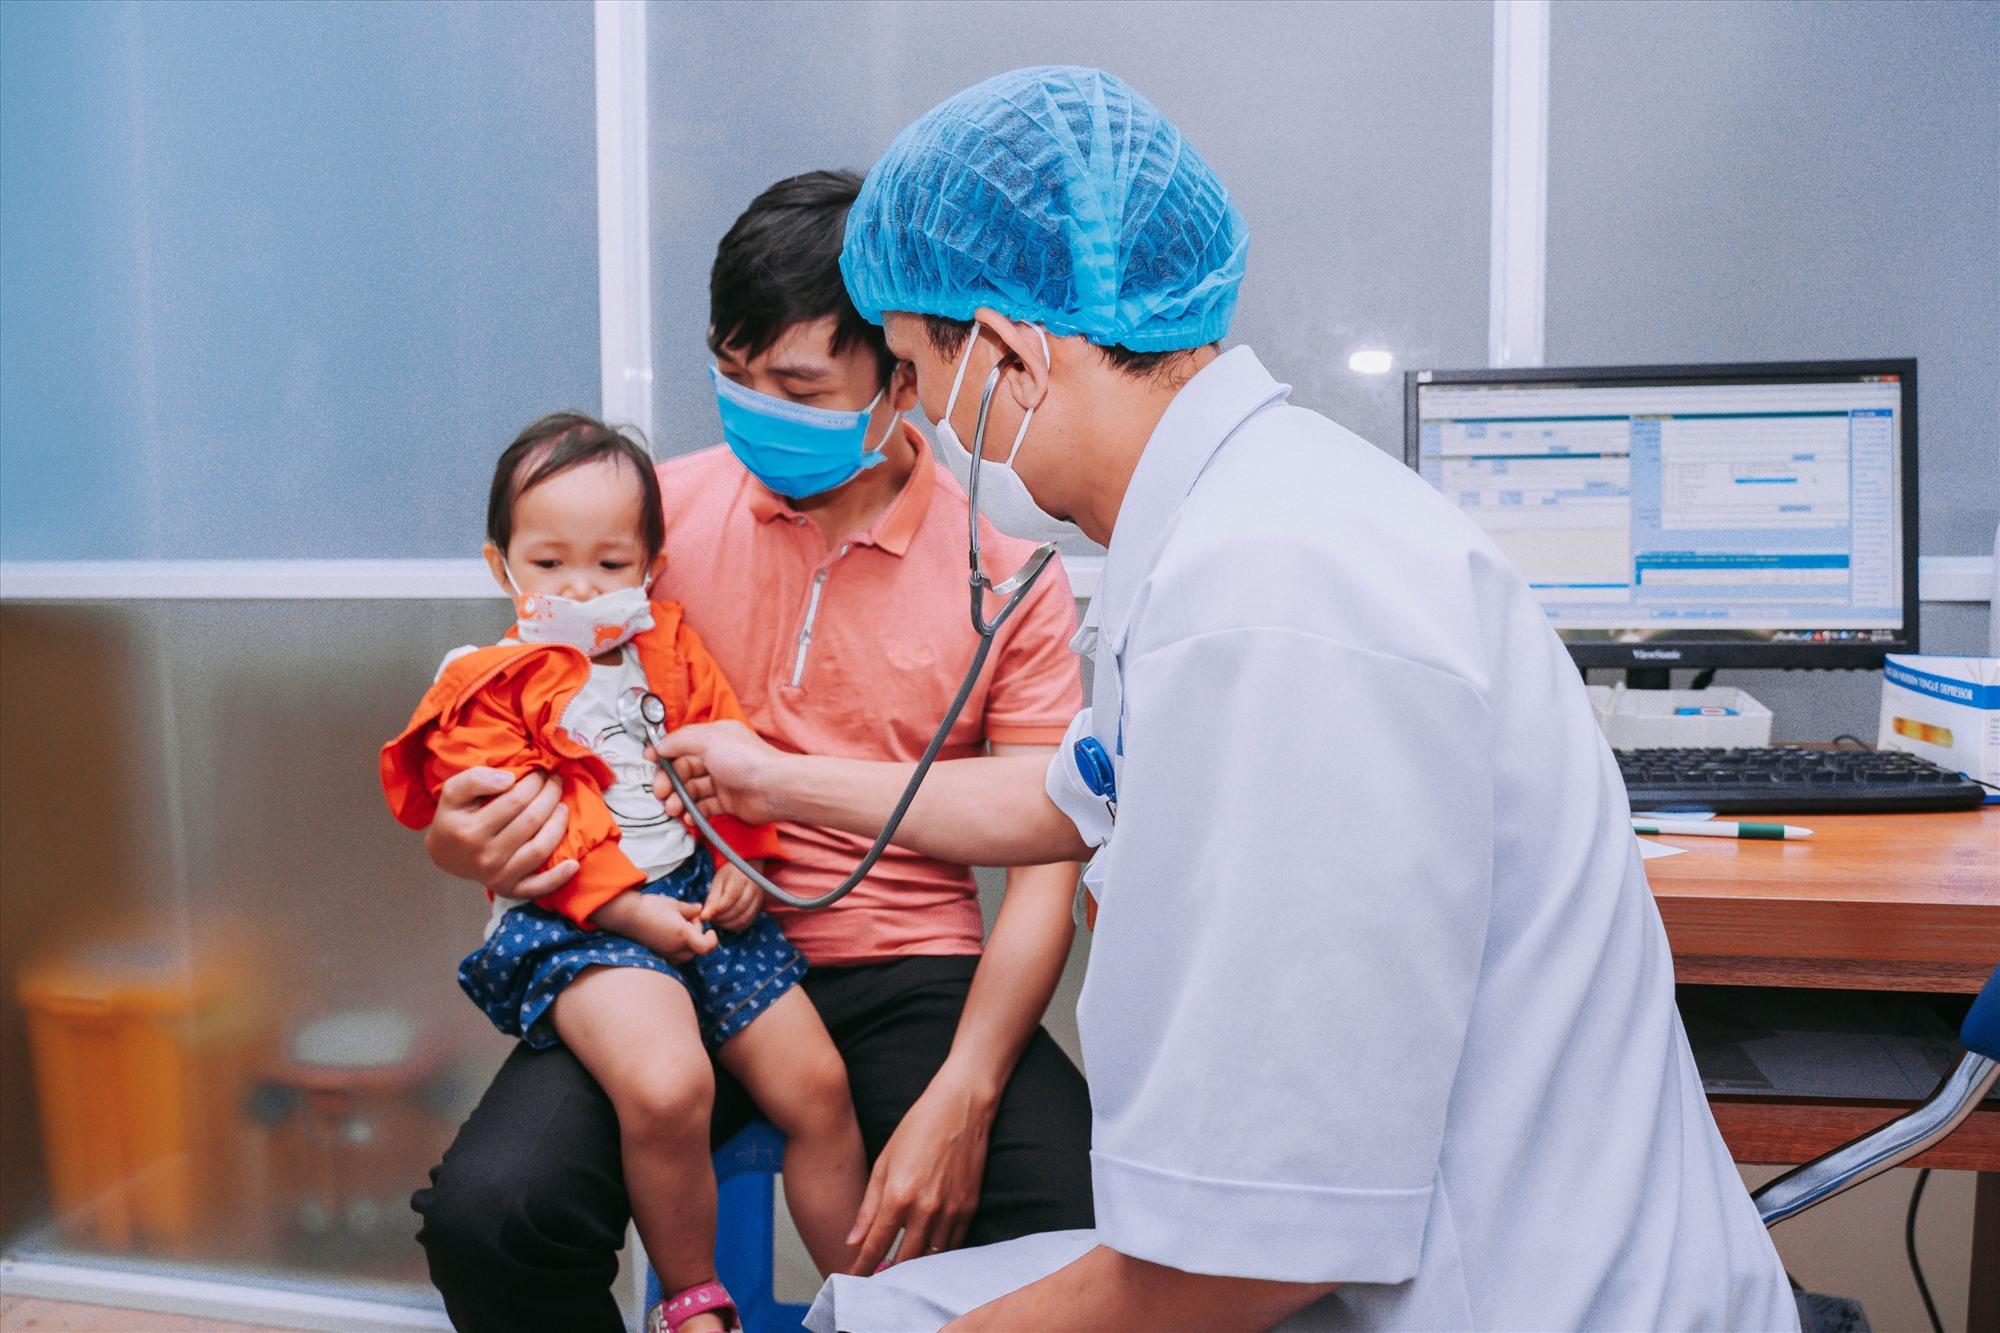 Để thuận lợi cho người bệnh, BV Thái Bình Dương Tam Kỳ tổ chức khám ngoài giờ cho bệnh nhi.